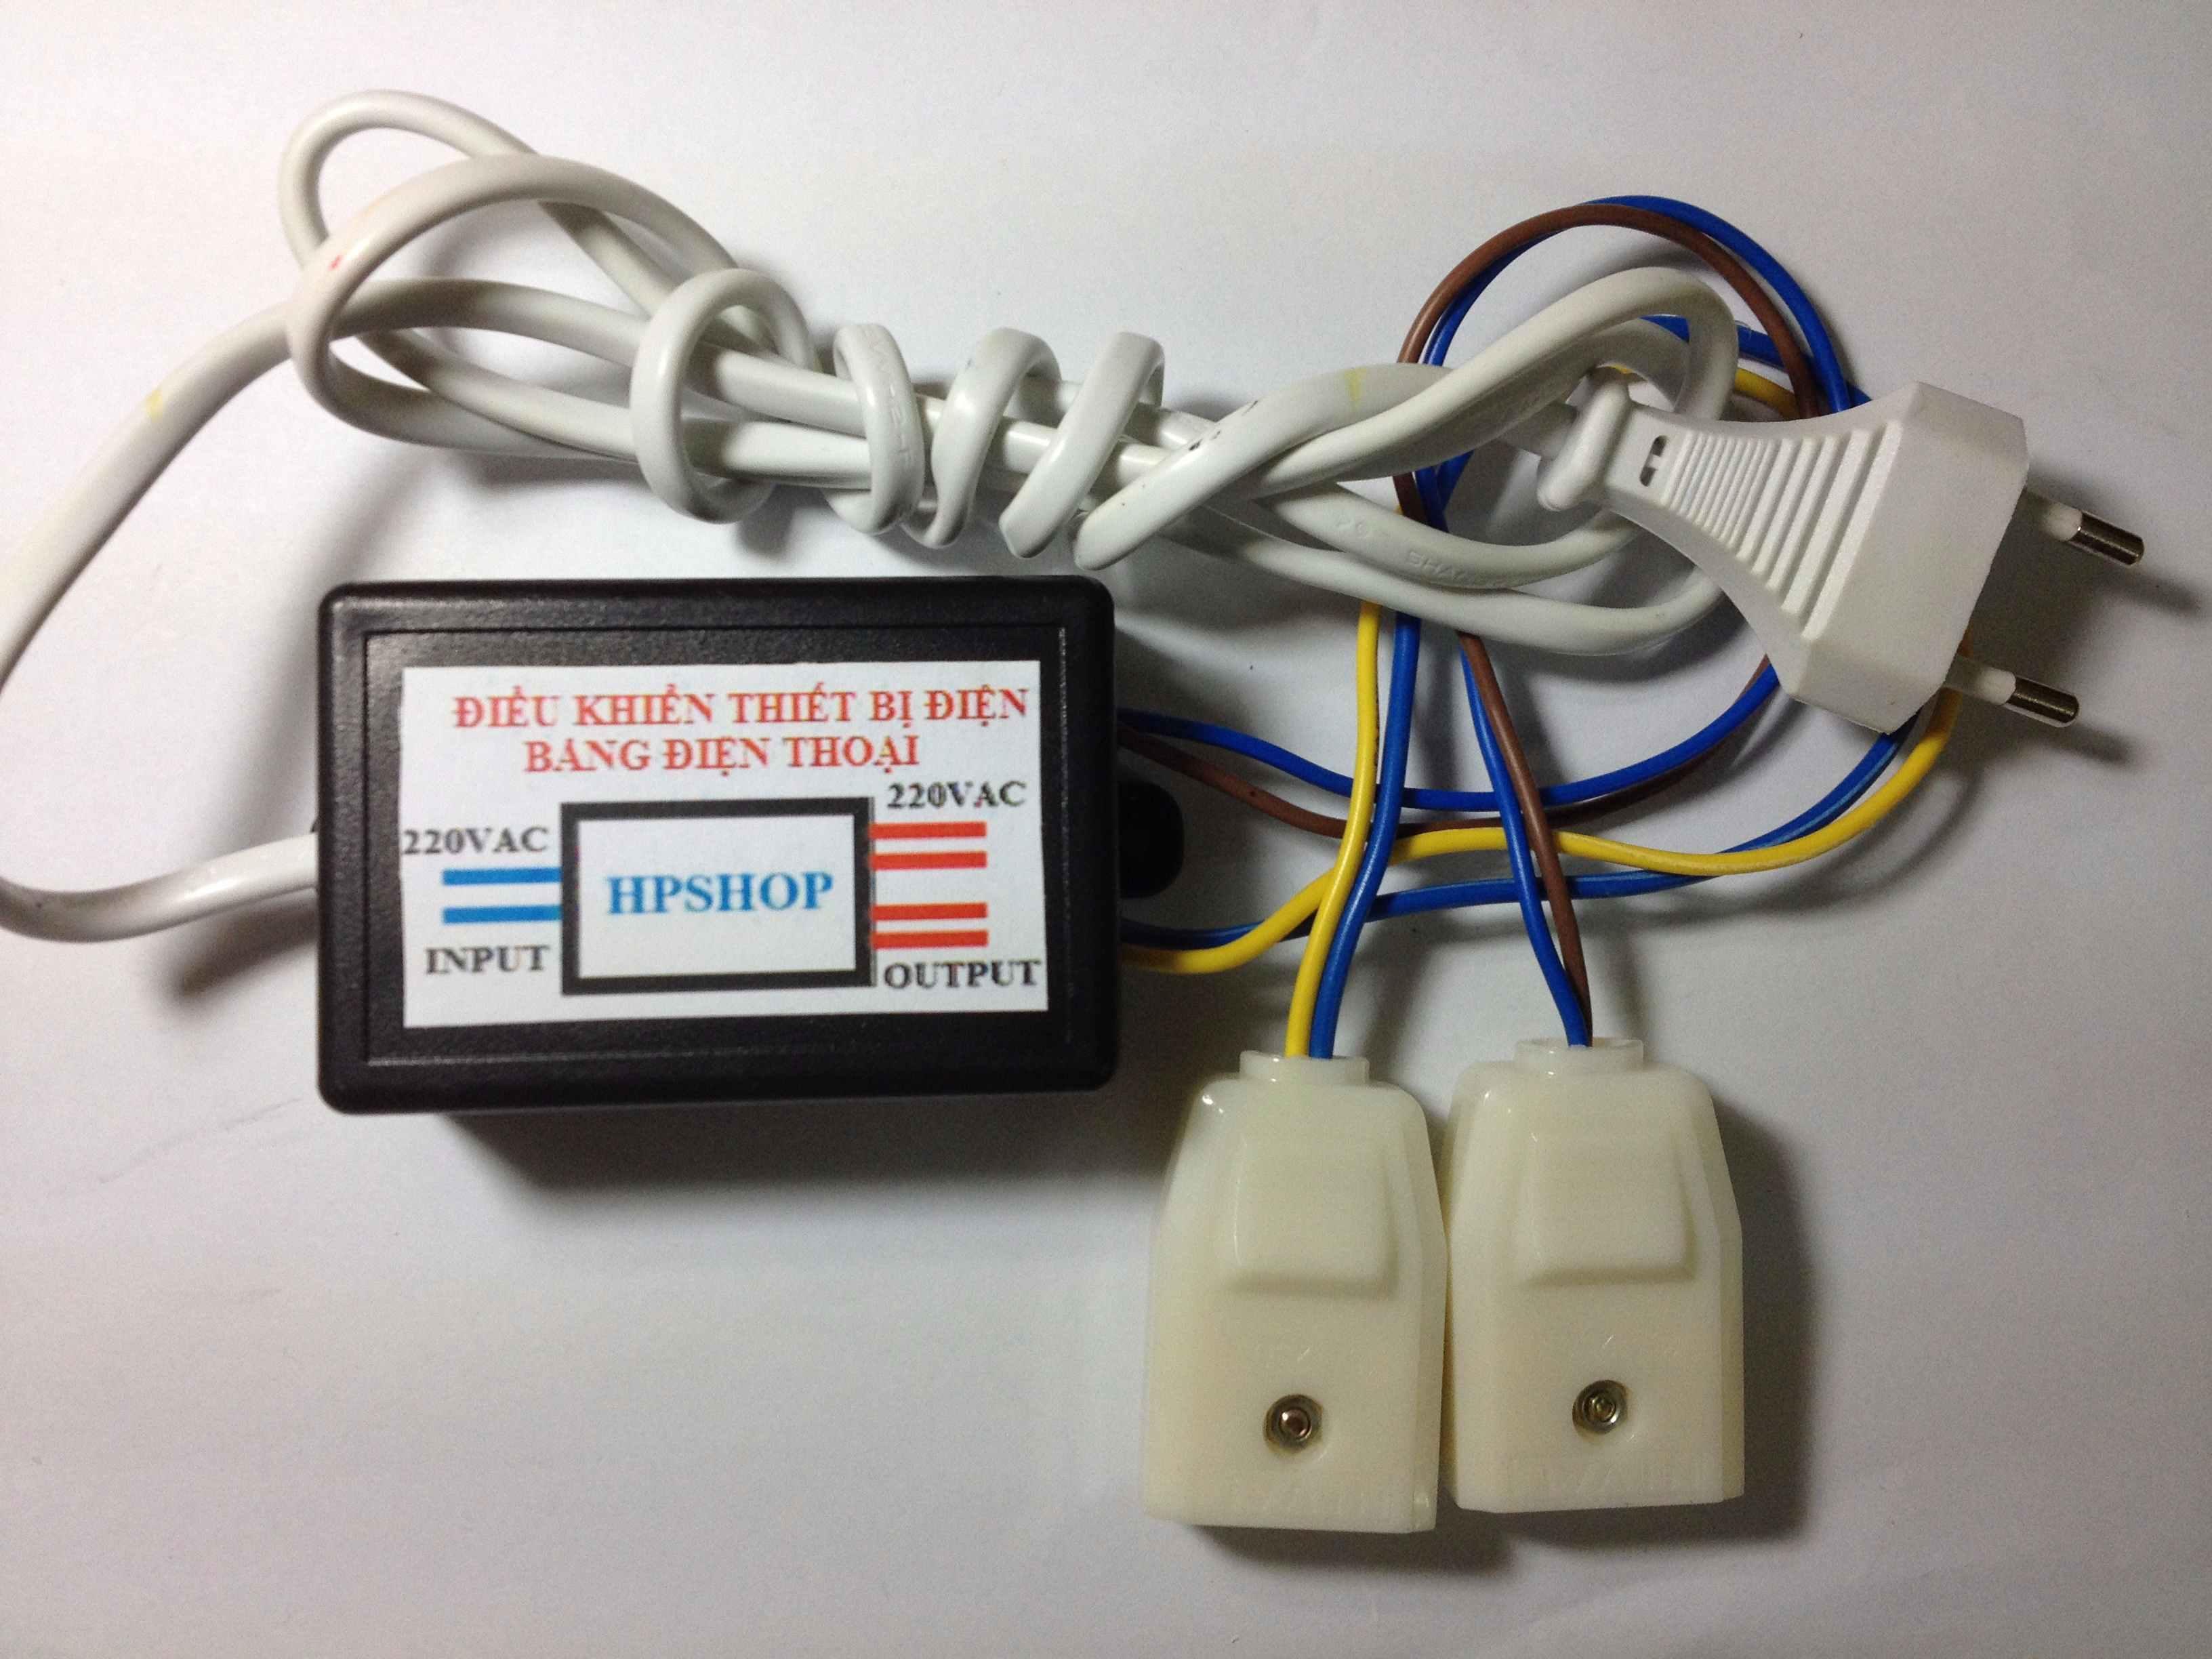 Bộ điều khiển tắt mở thiết bị điện bằng Wifi